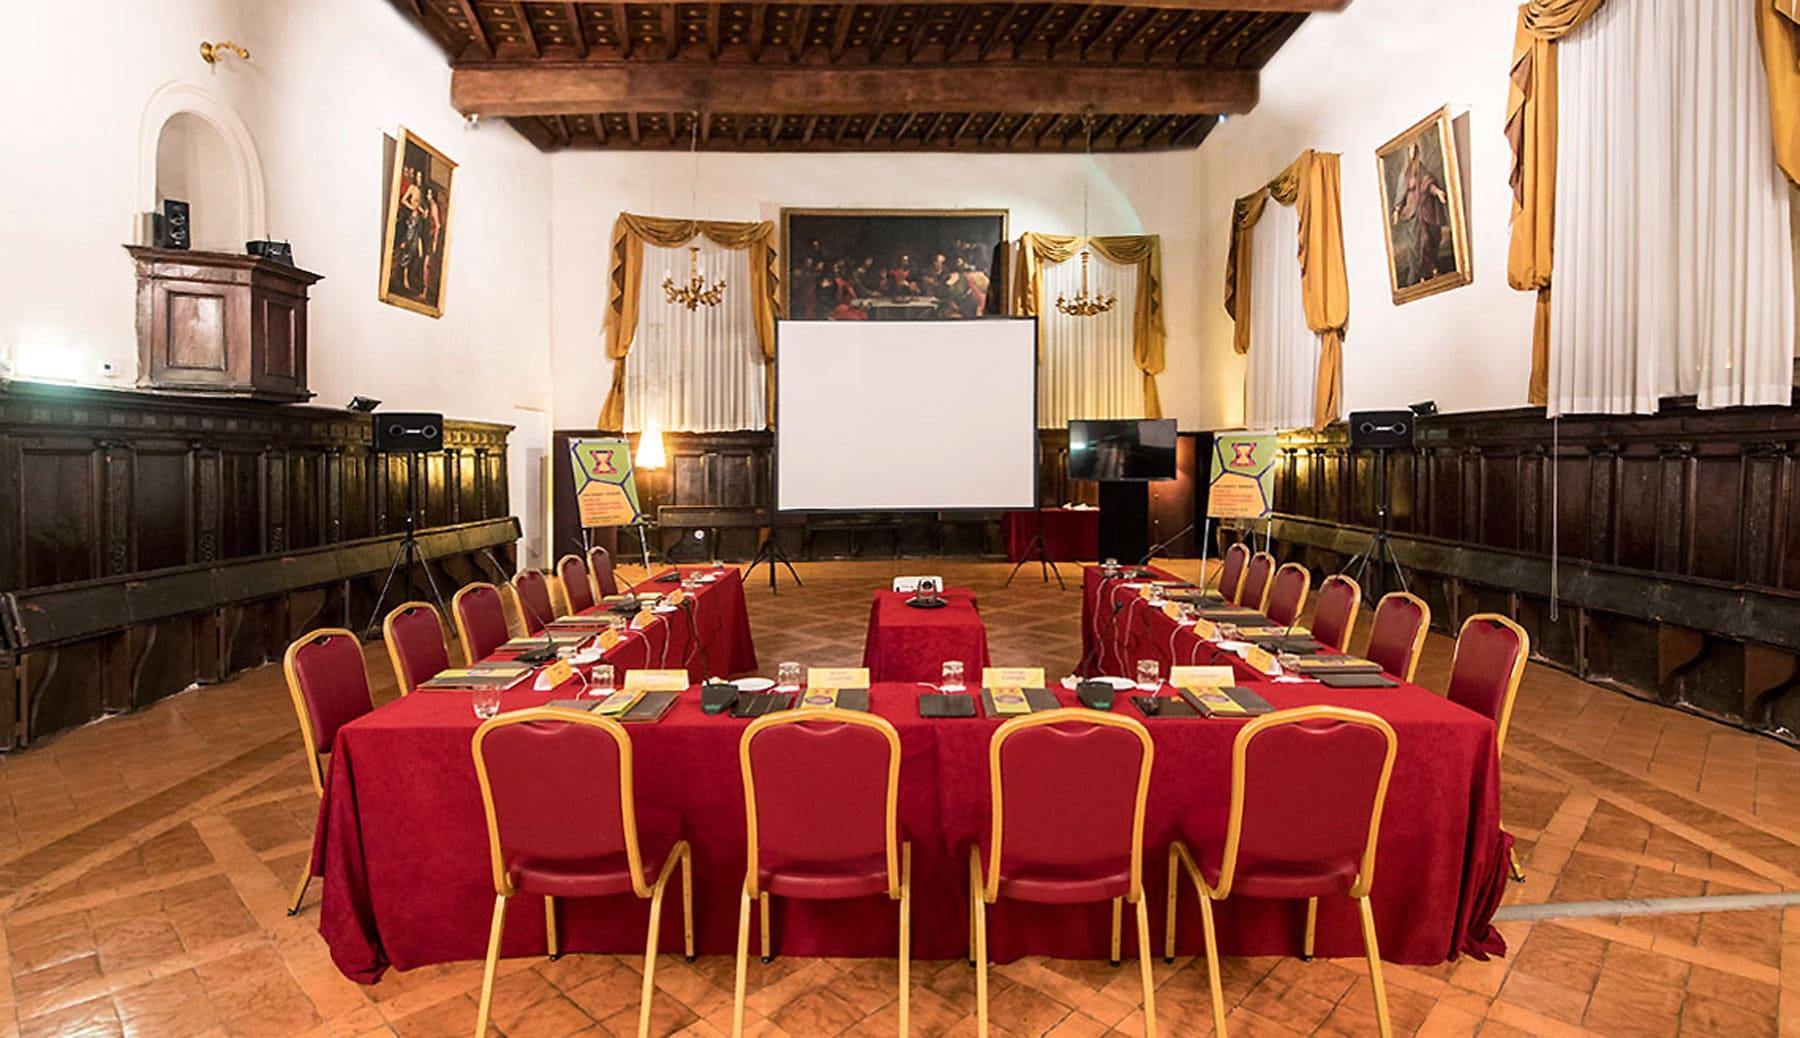 international advisory board event planet group medical & education sala settecentesca in cui si è svolto l'incontro